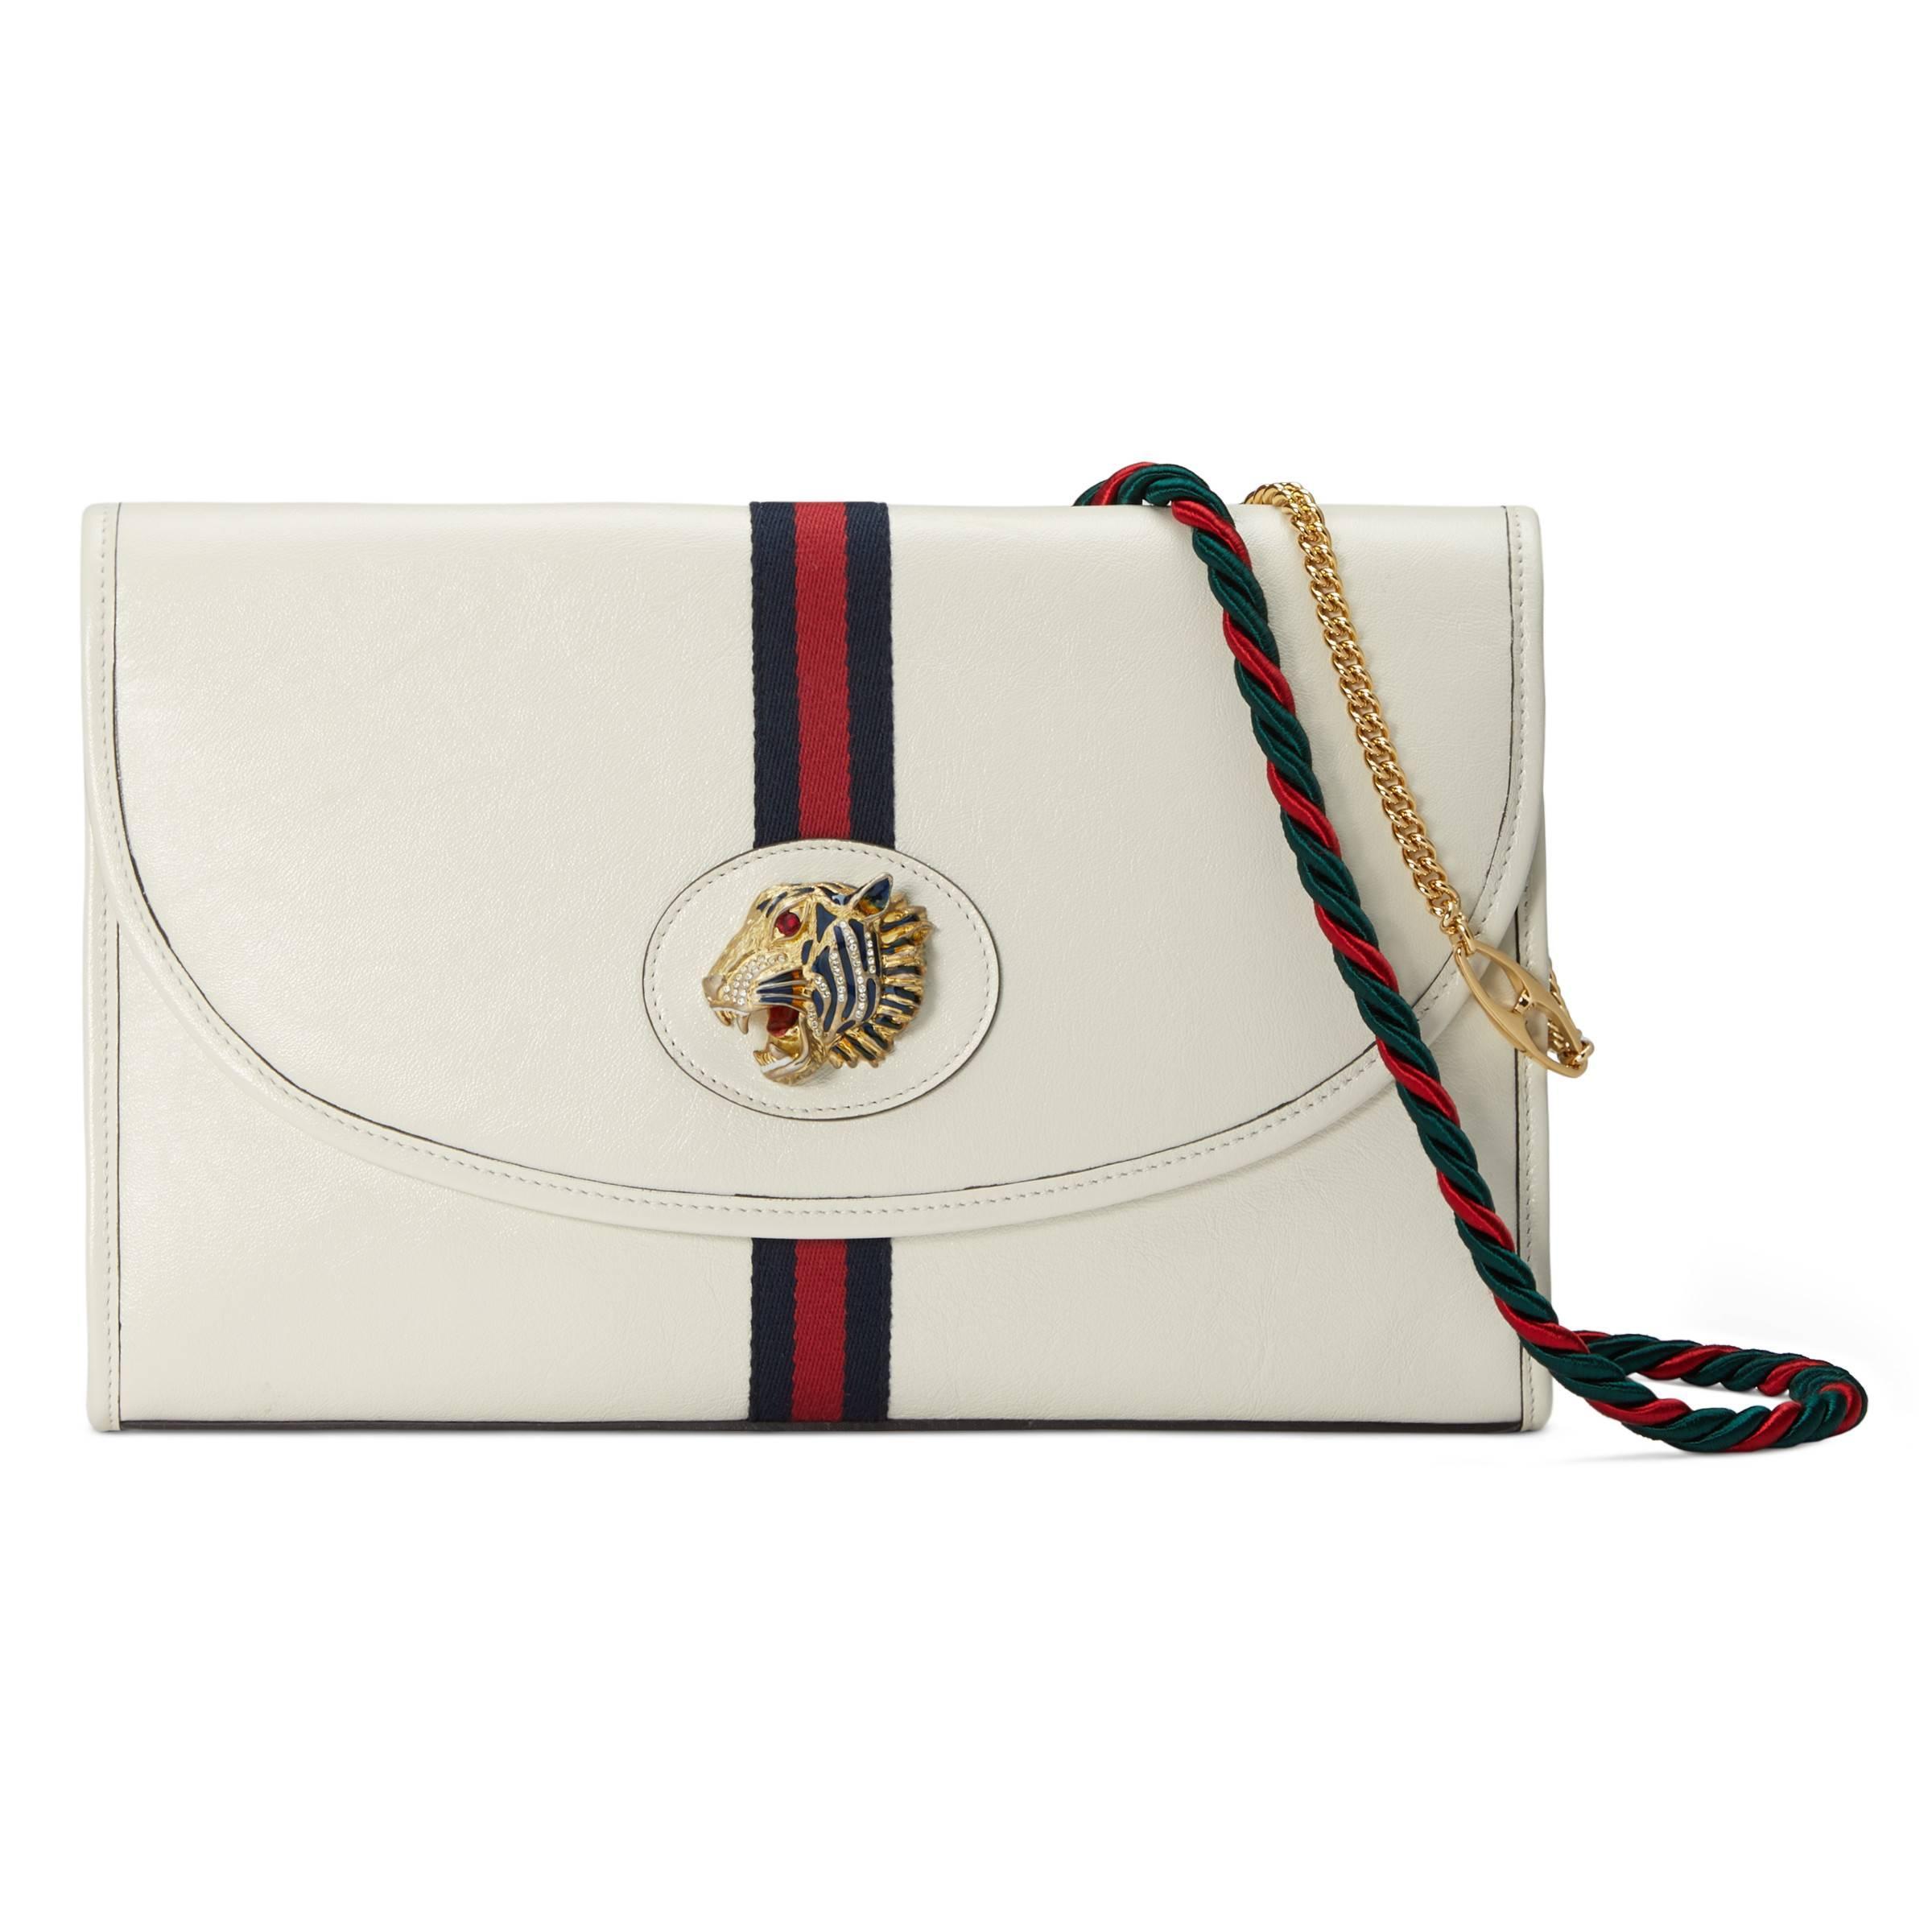 869ba704a5dd Gucci Rajah Medium Shoulder Bag in White - Lyst